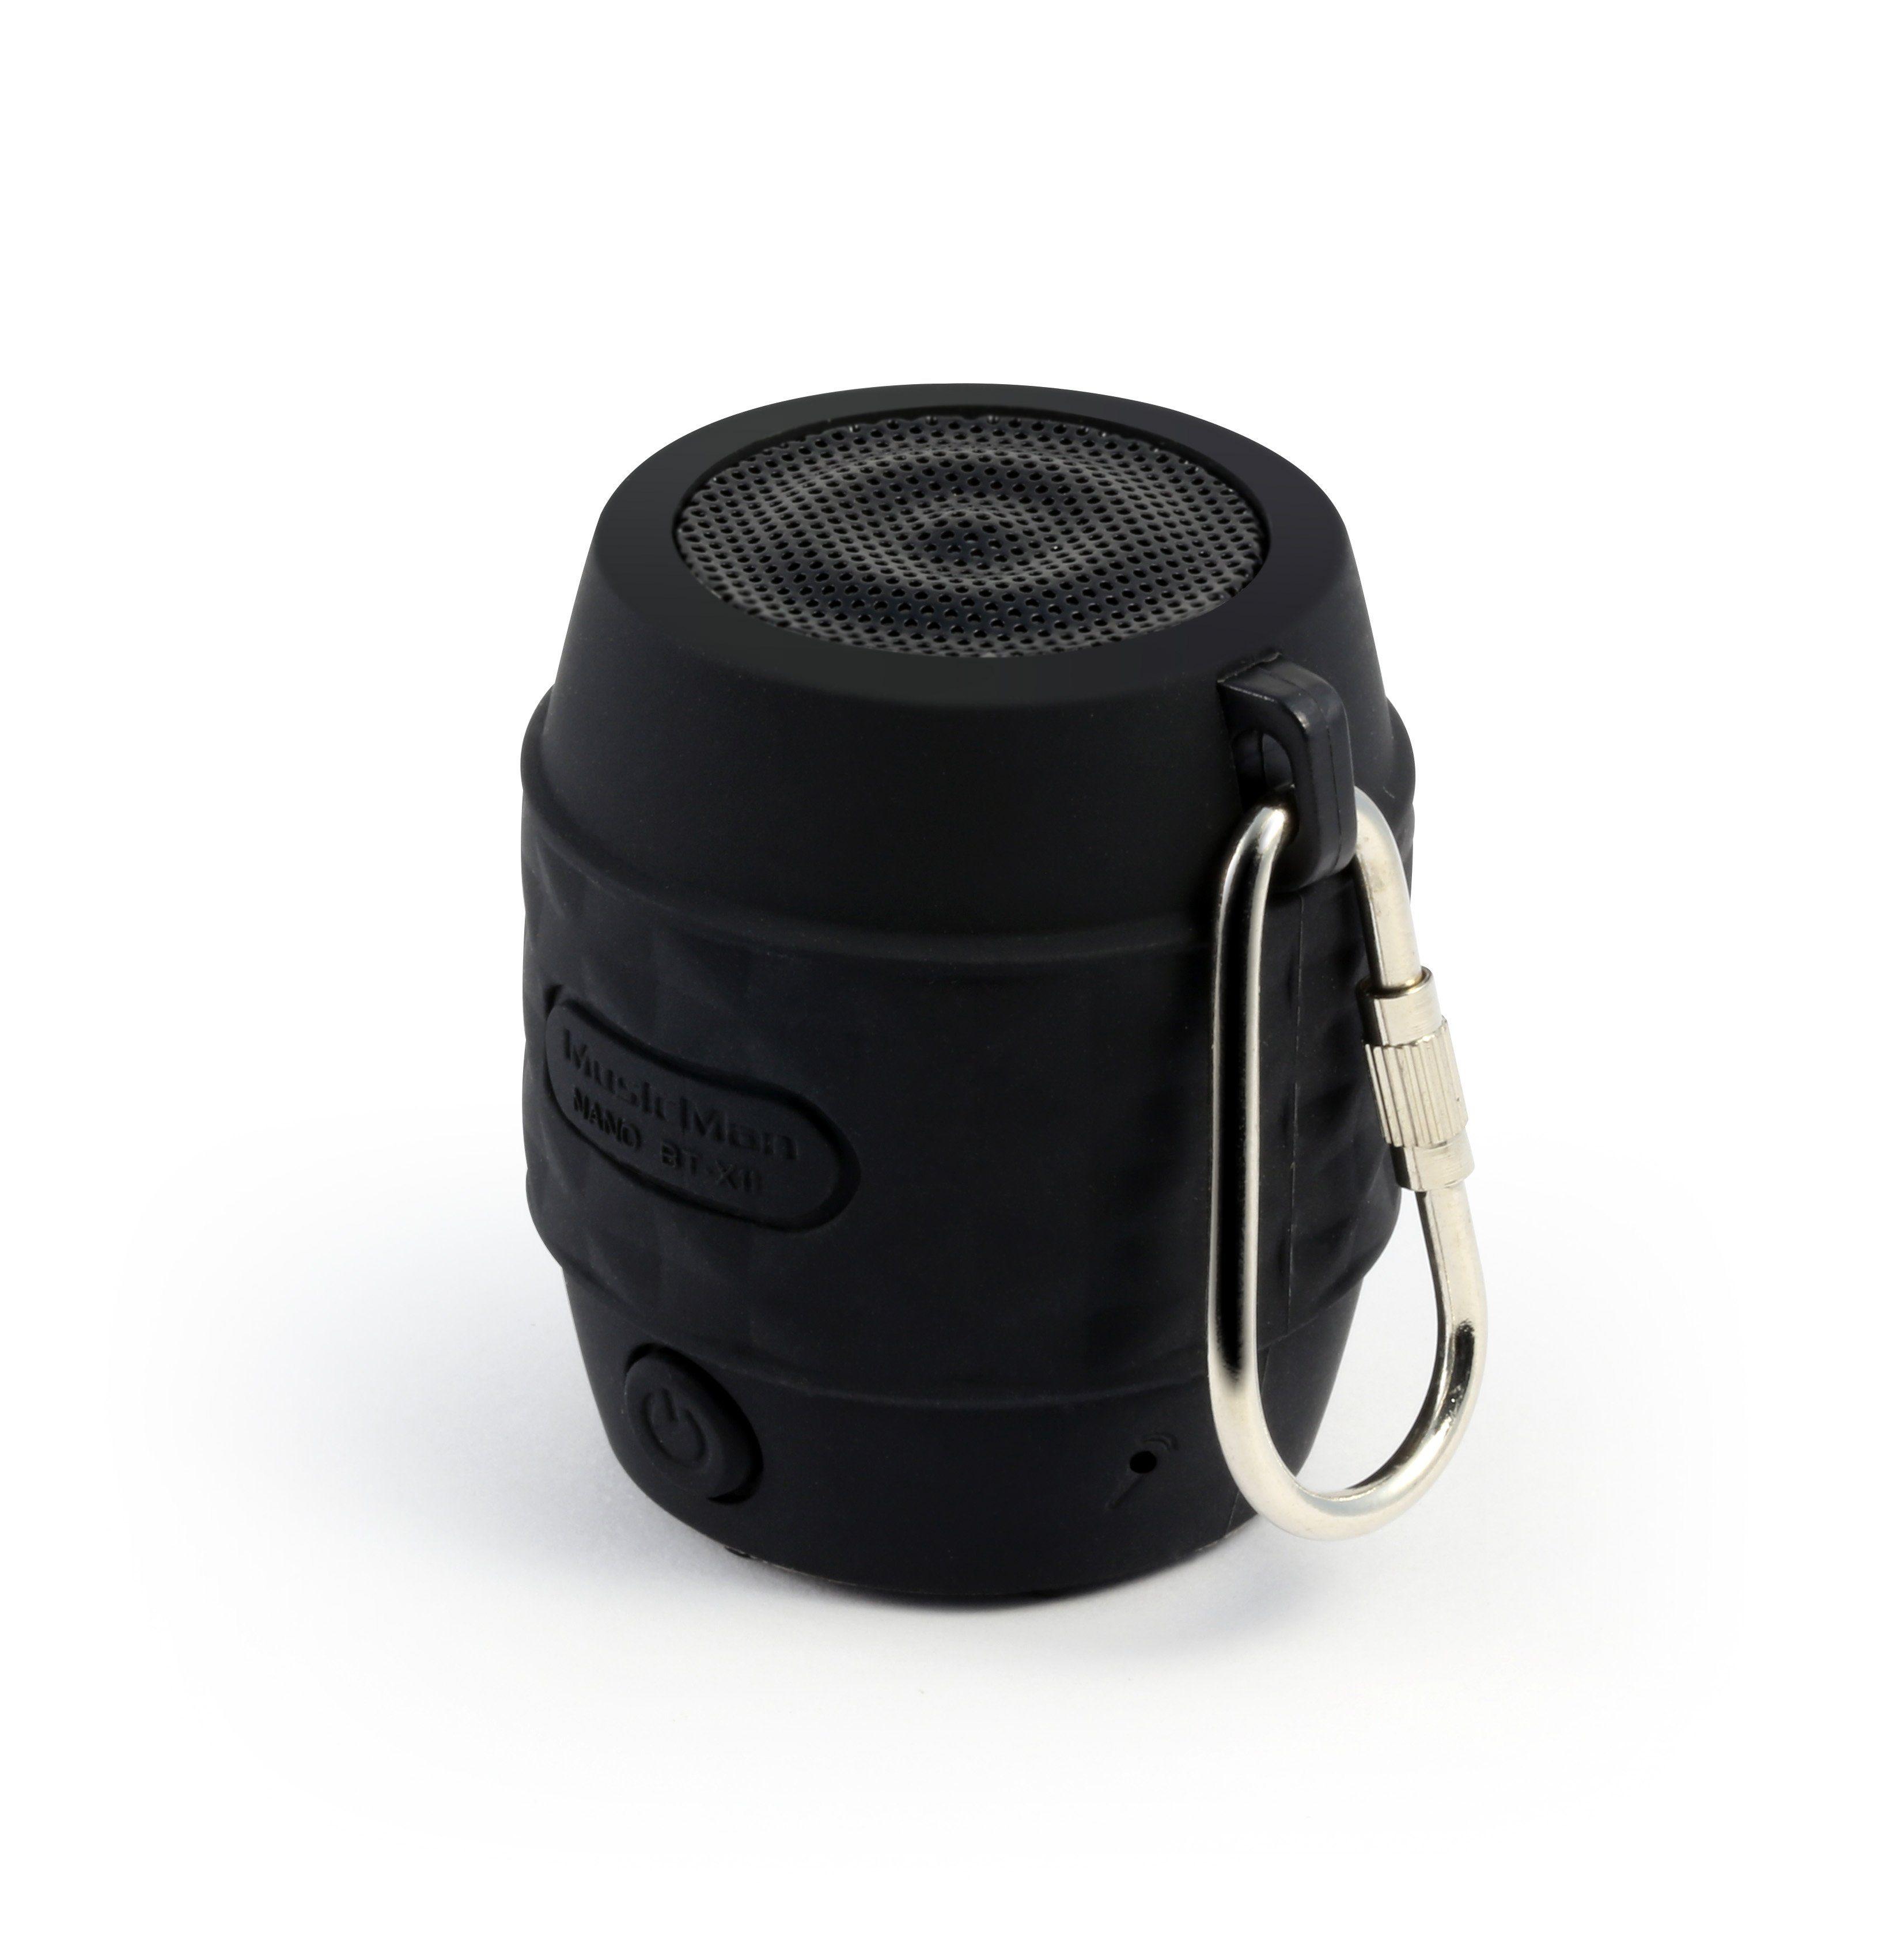 Technaxx Lautsprecher »MusicMan NANO BIKE Bluetooth BT-X19 Schwarz«